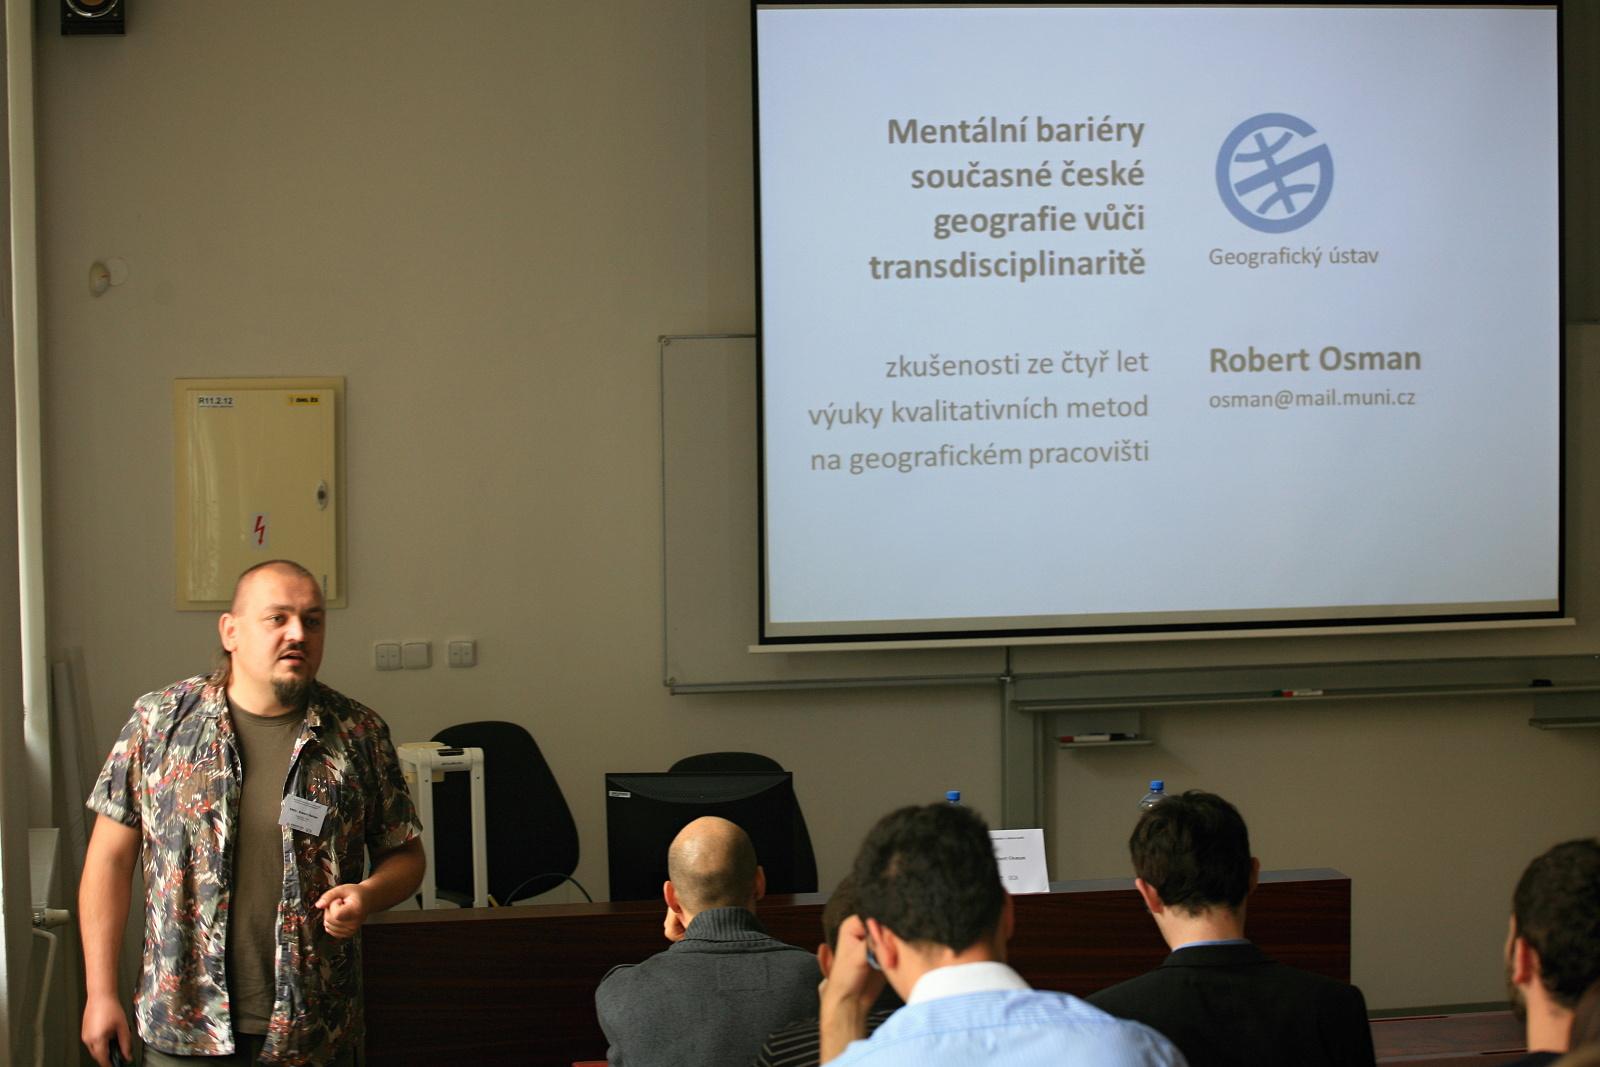 plenární přednáška dr. Osmana